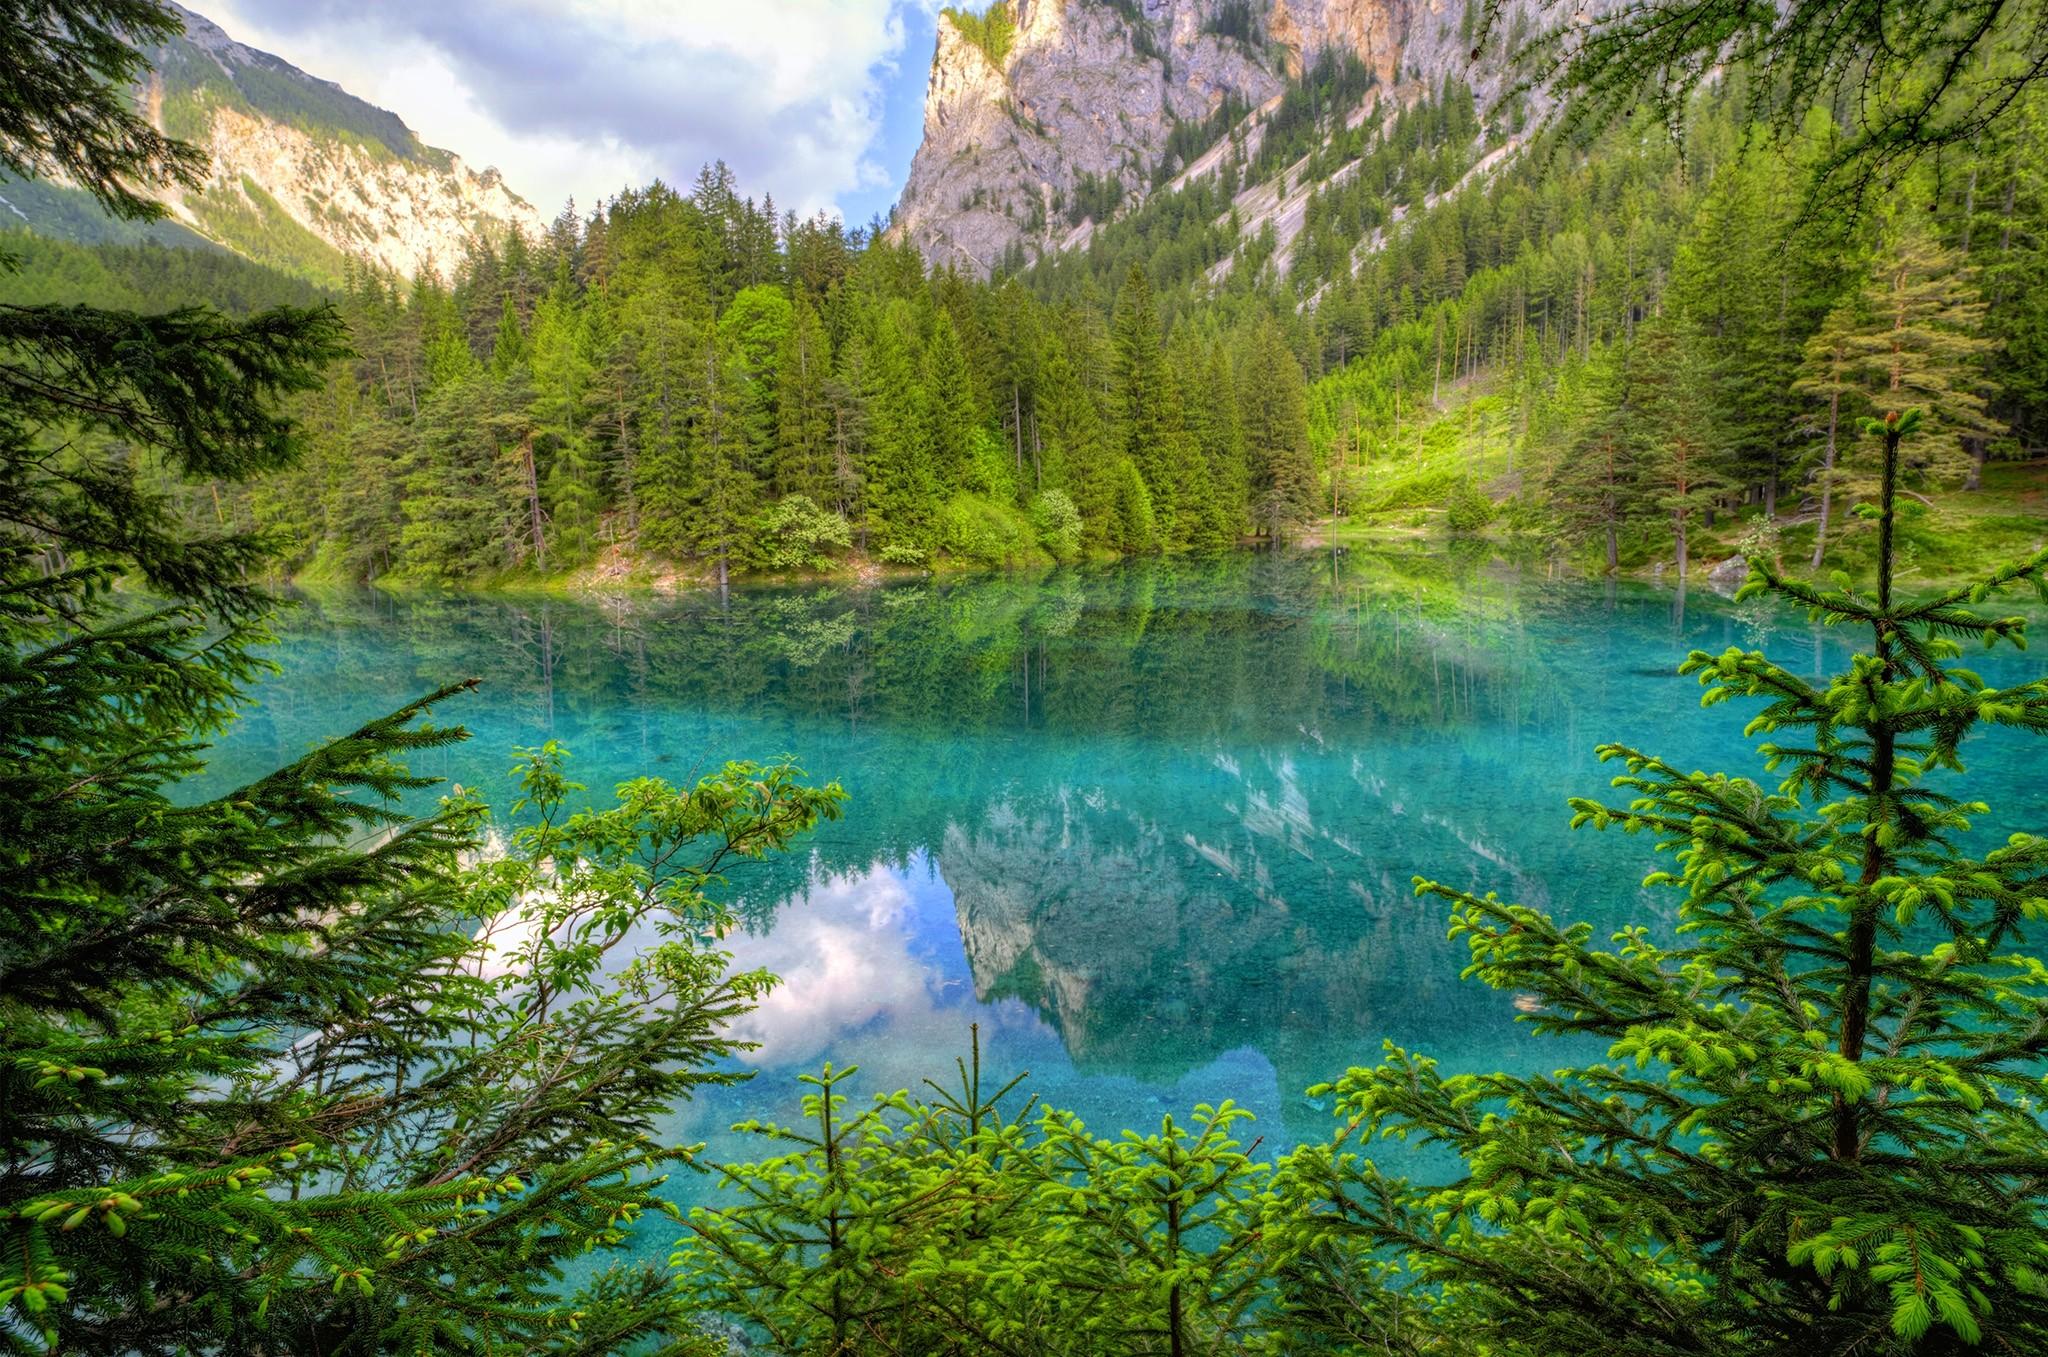 Sfondi alberi paesaggio montagne lago acqua for Acqua verde laghetto